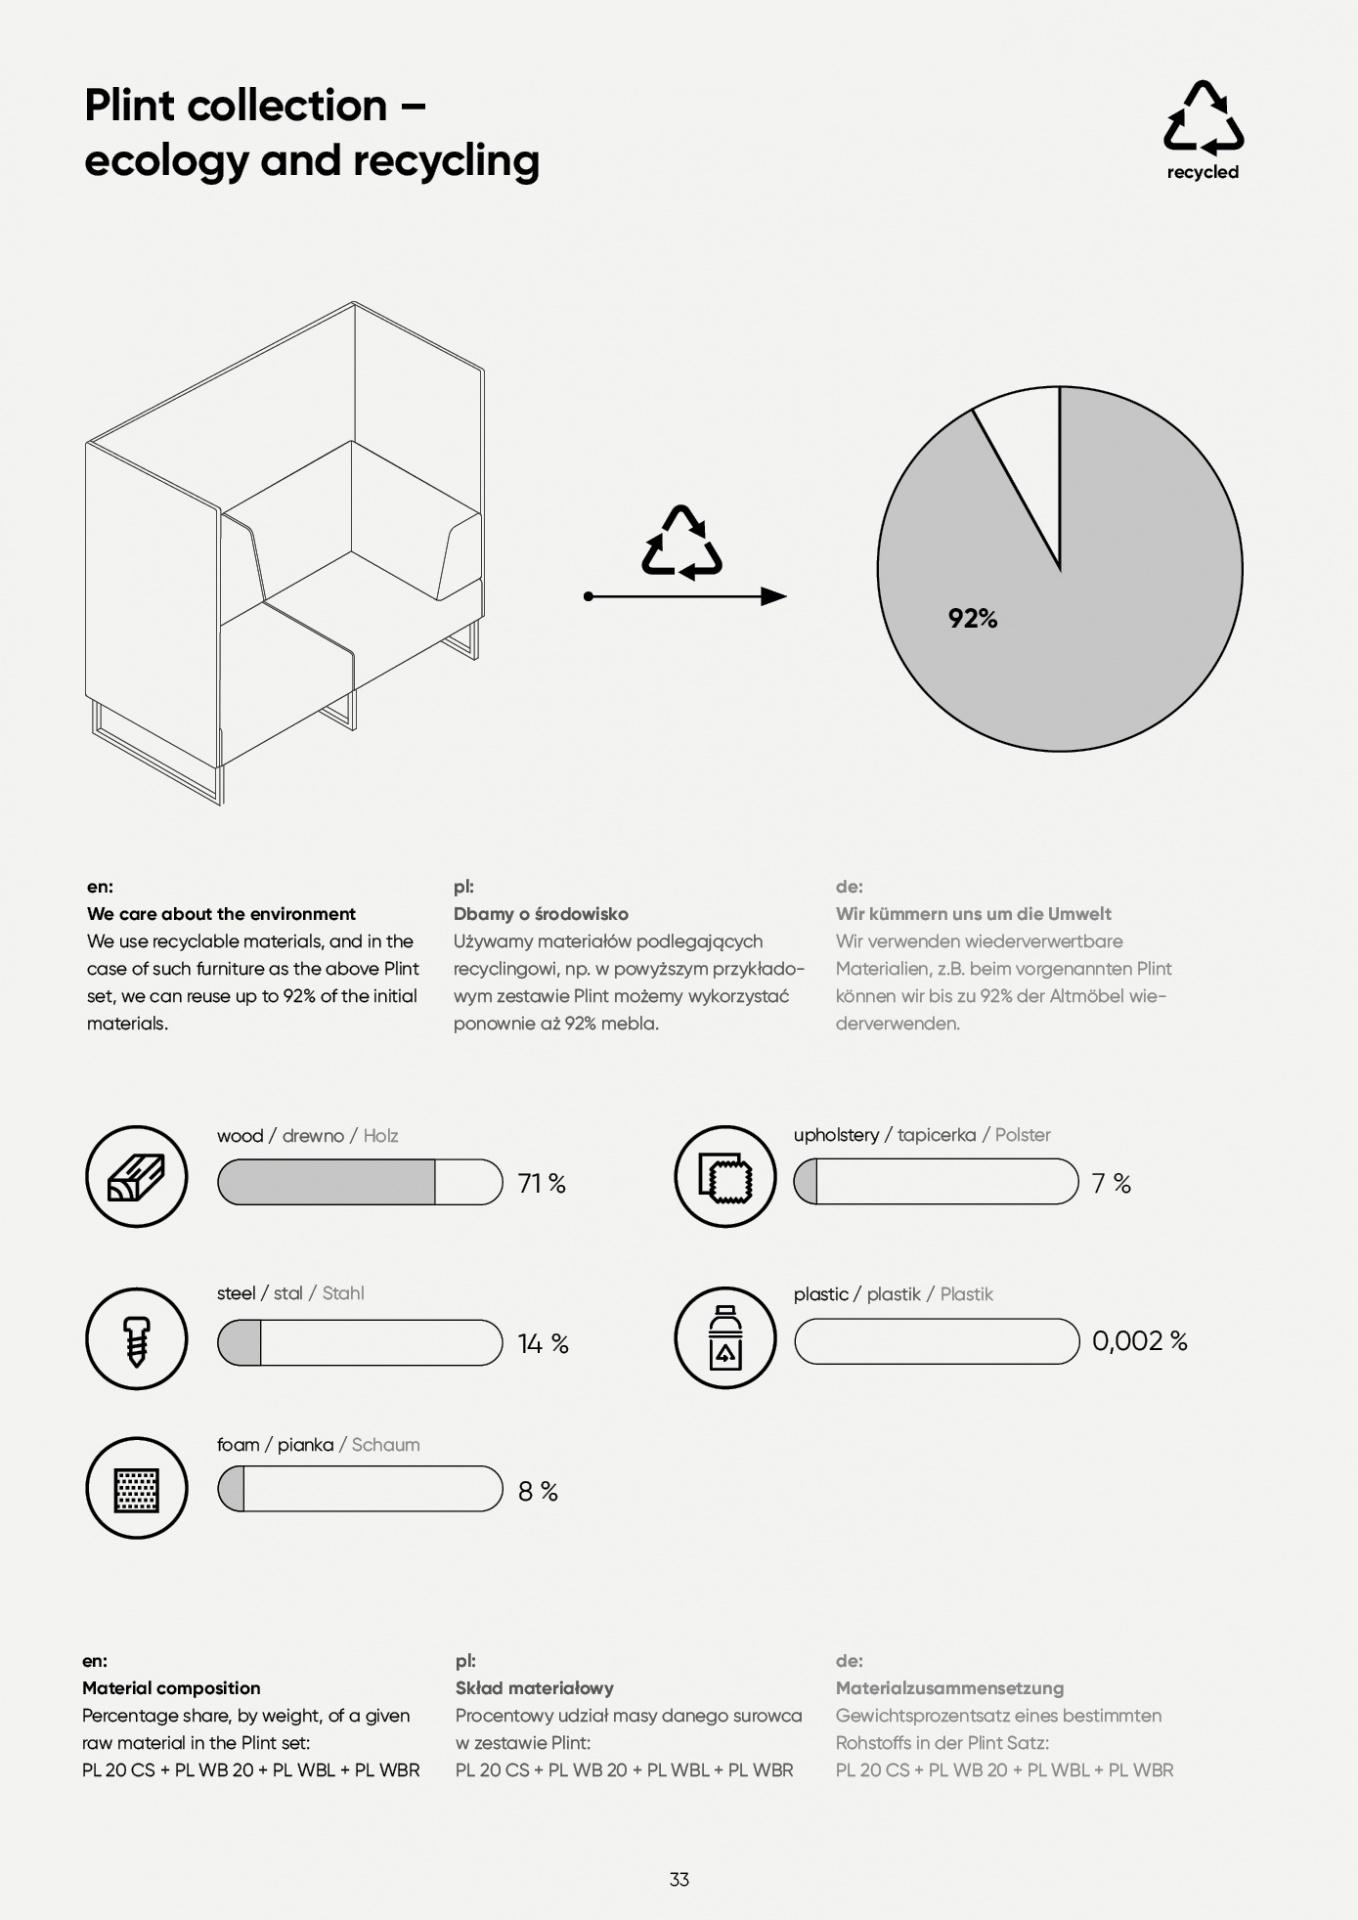 plint-catalogue-v3-33.jpg